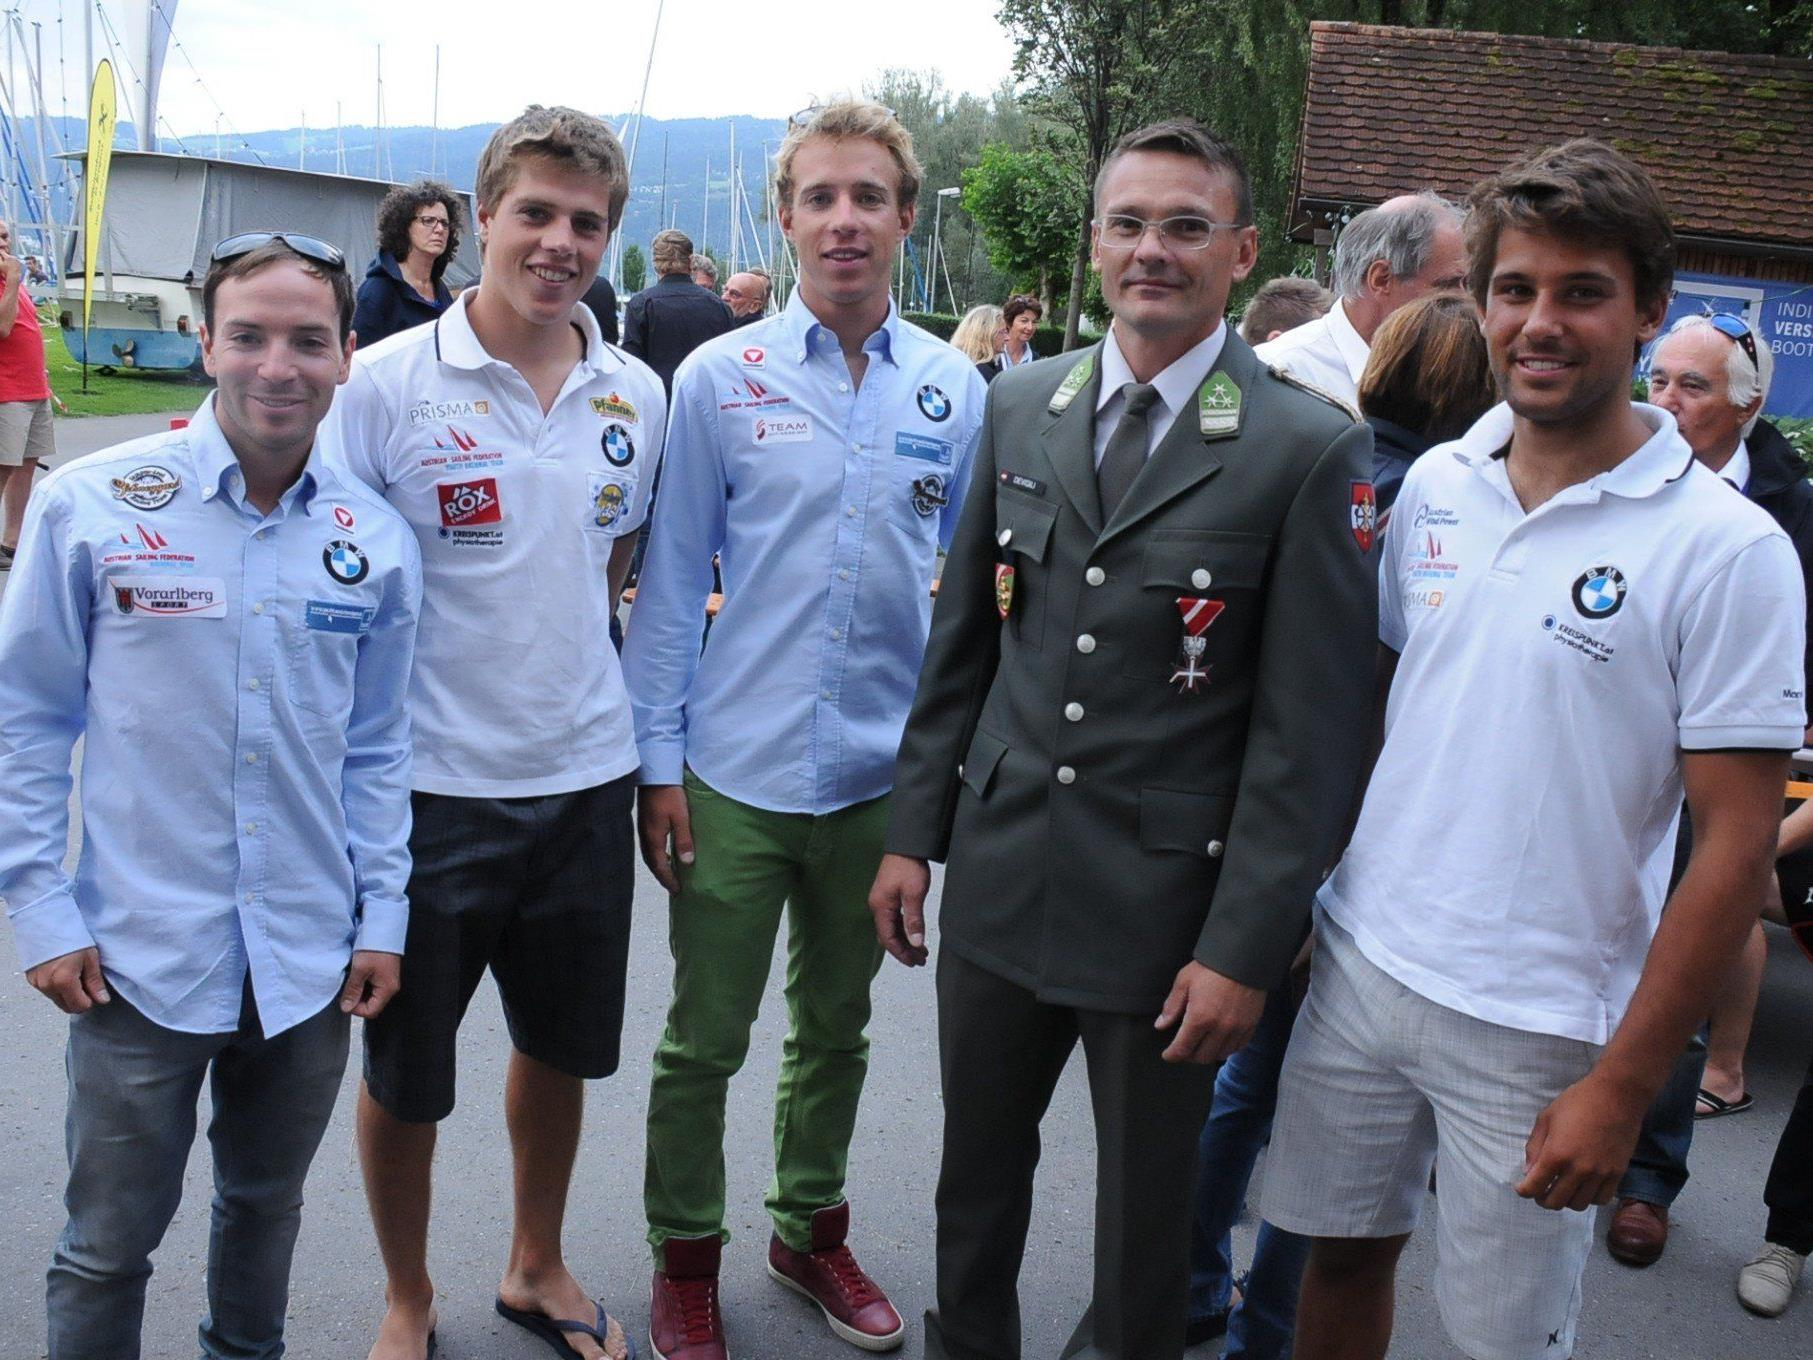 Von links nach rechts: David Bargehr, Benjamin Bildstein, Lukas Mähr, Daniel Devigili und David Huss.